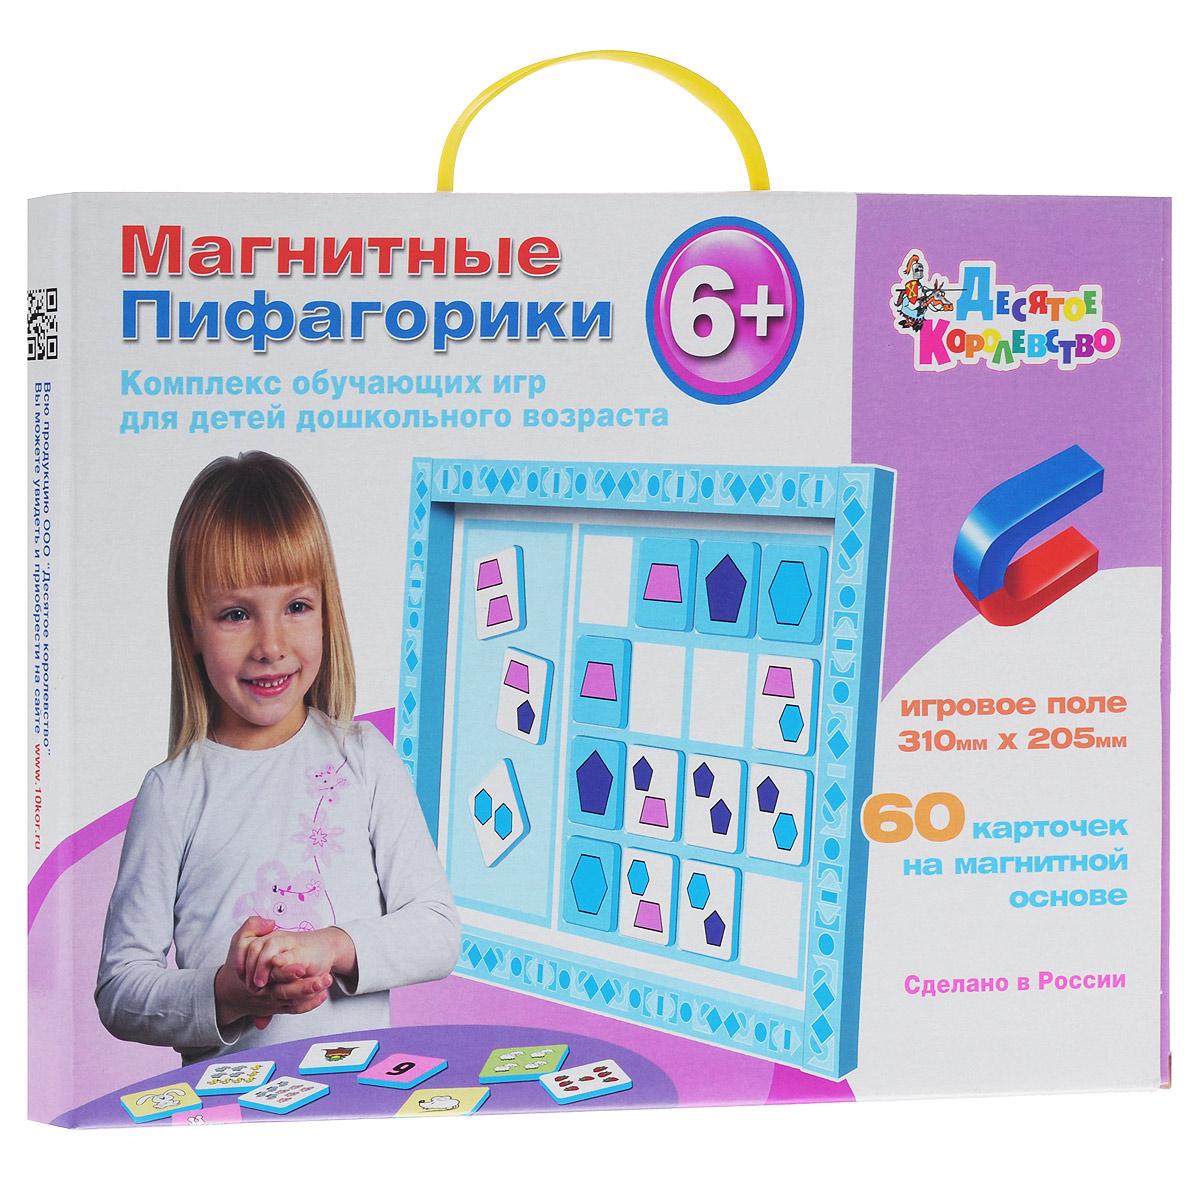 Десятое королевство Обучающие карточки Магнитные пифагорики №4 магнитные пифагорики купить